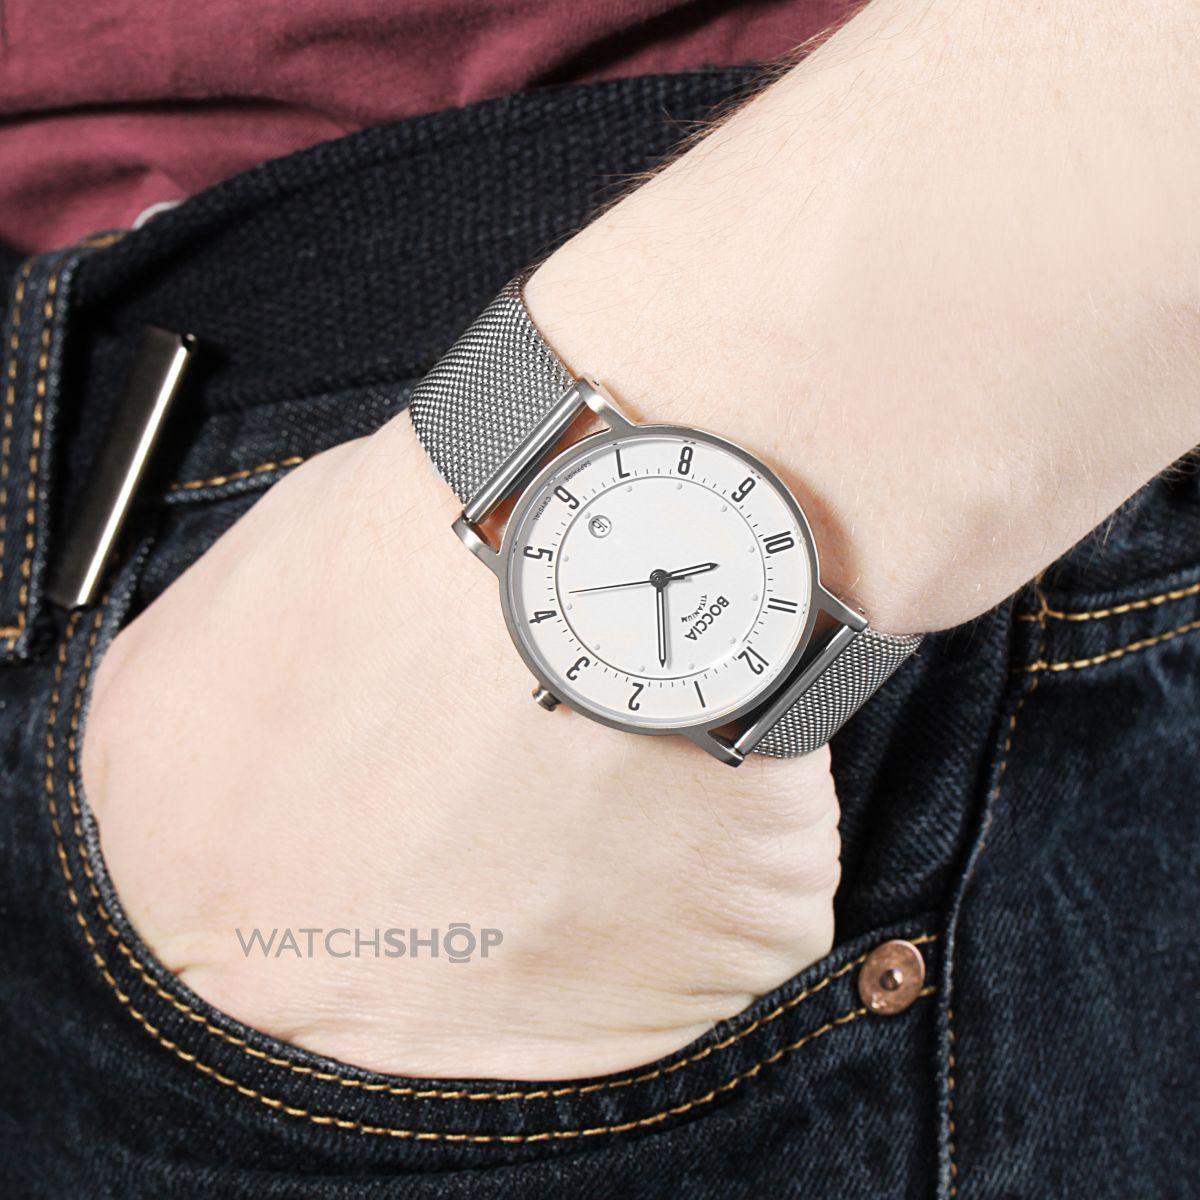 Наручные часы Boccia Titanium Боча Титаниум - купить по